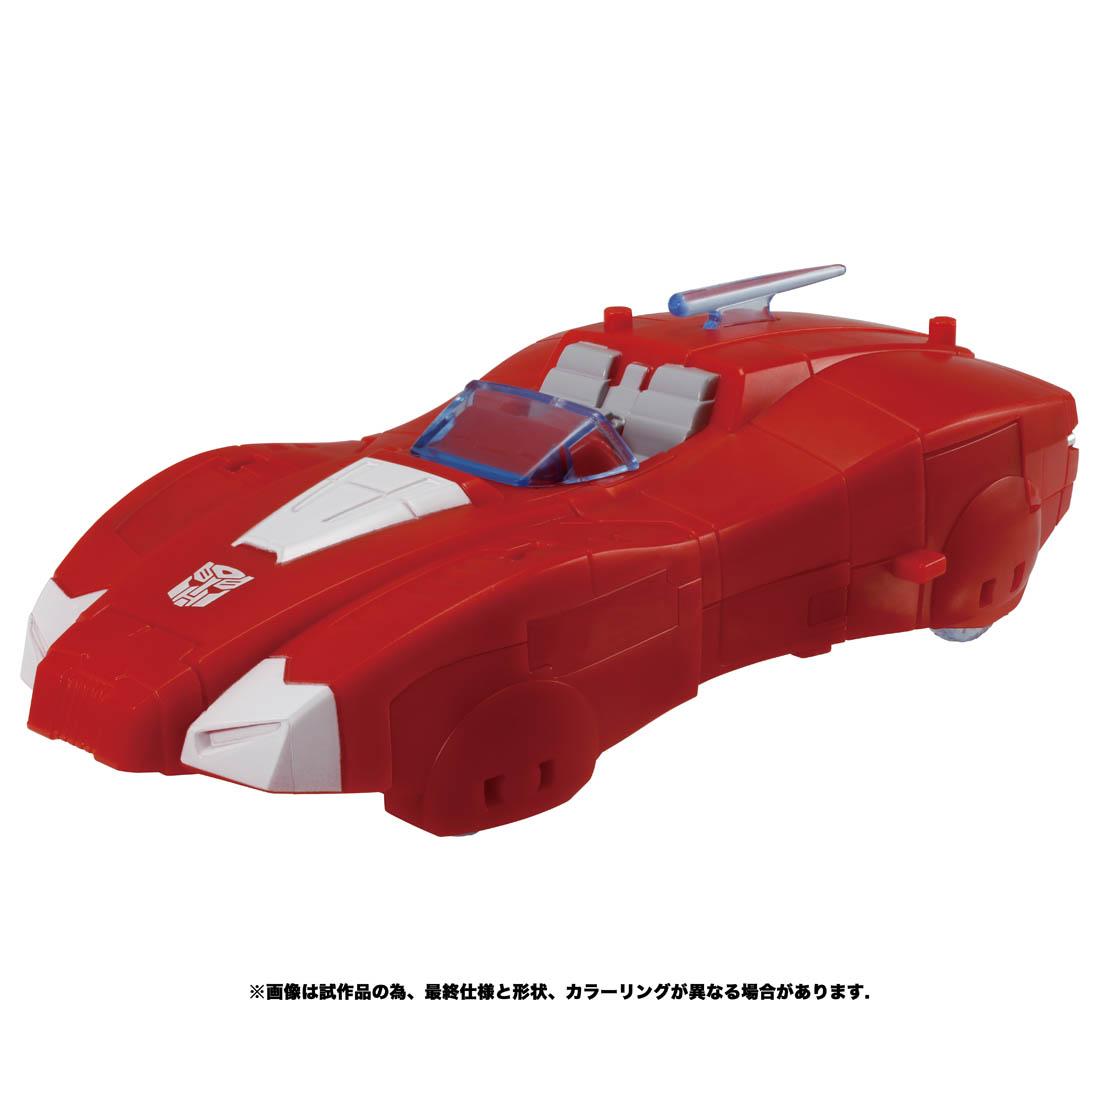 トランスフォーマー ウォーフォーサイバトロン『WFC-10 エリータ-1』可変可動フィギュア-002